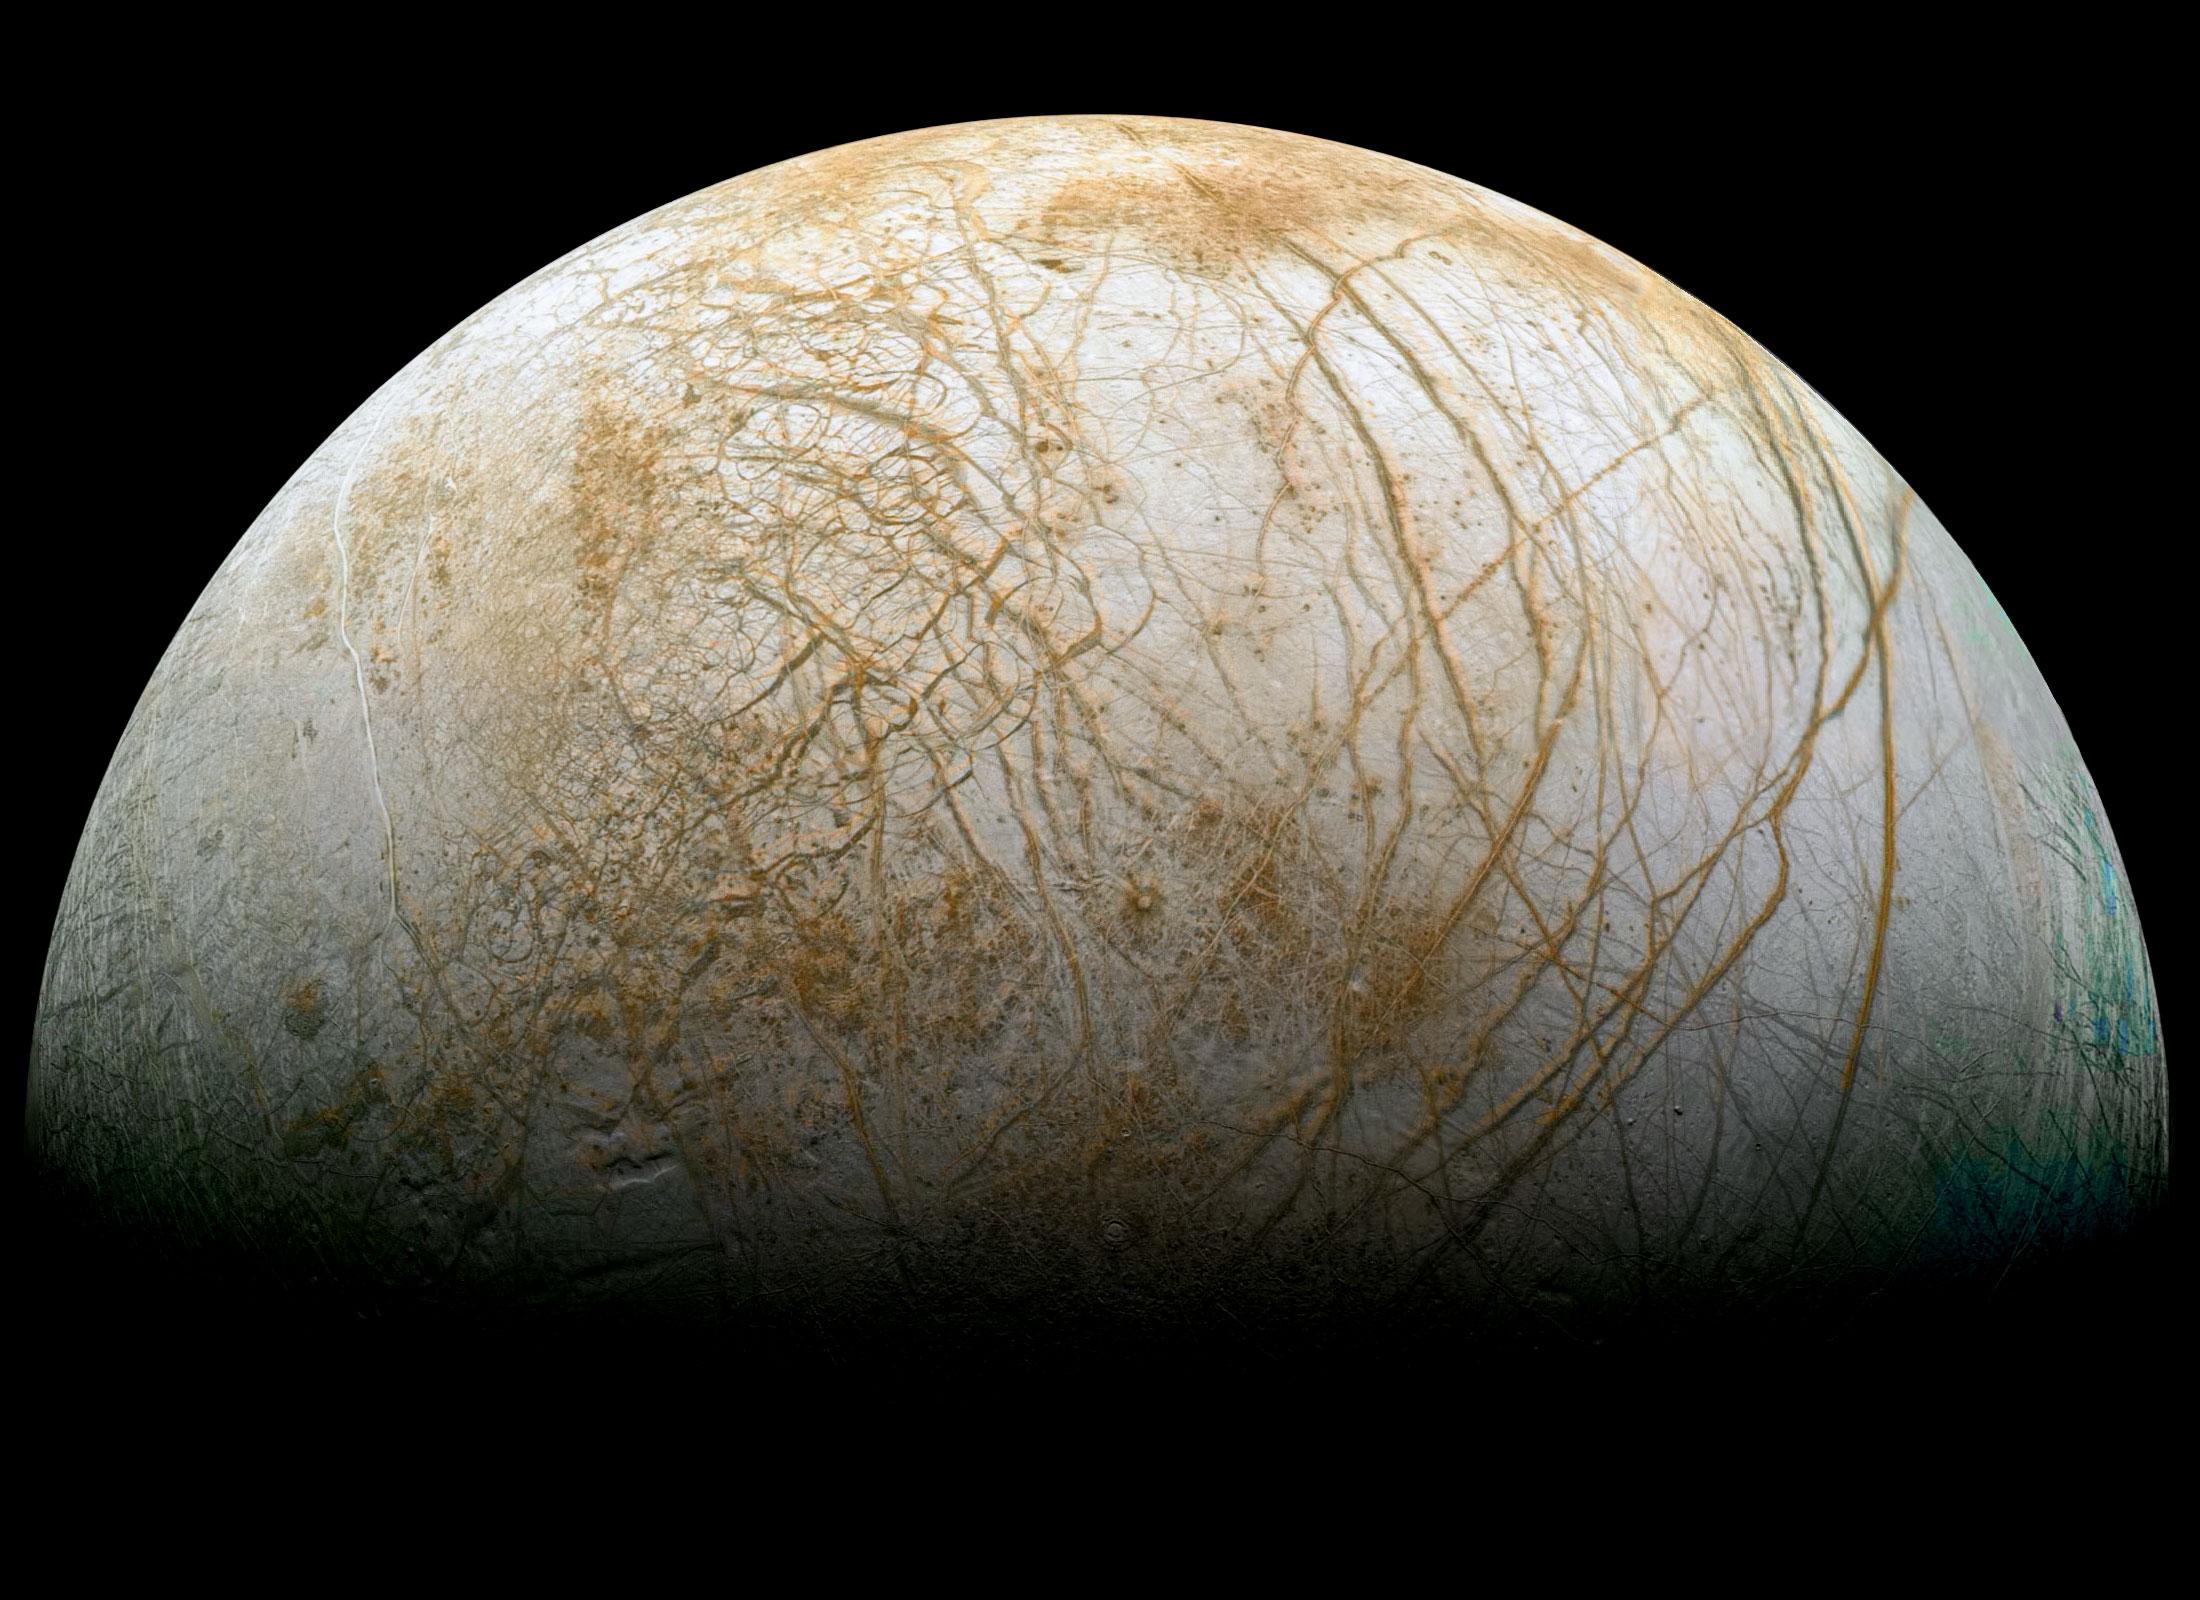 """تصویری از قمر یخ زده """"اروپا""""، دانشمندان معتقدند در زیر این یخ های قطور می تواند حیات میکروبی وجود داشته باشد."""